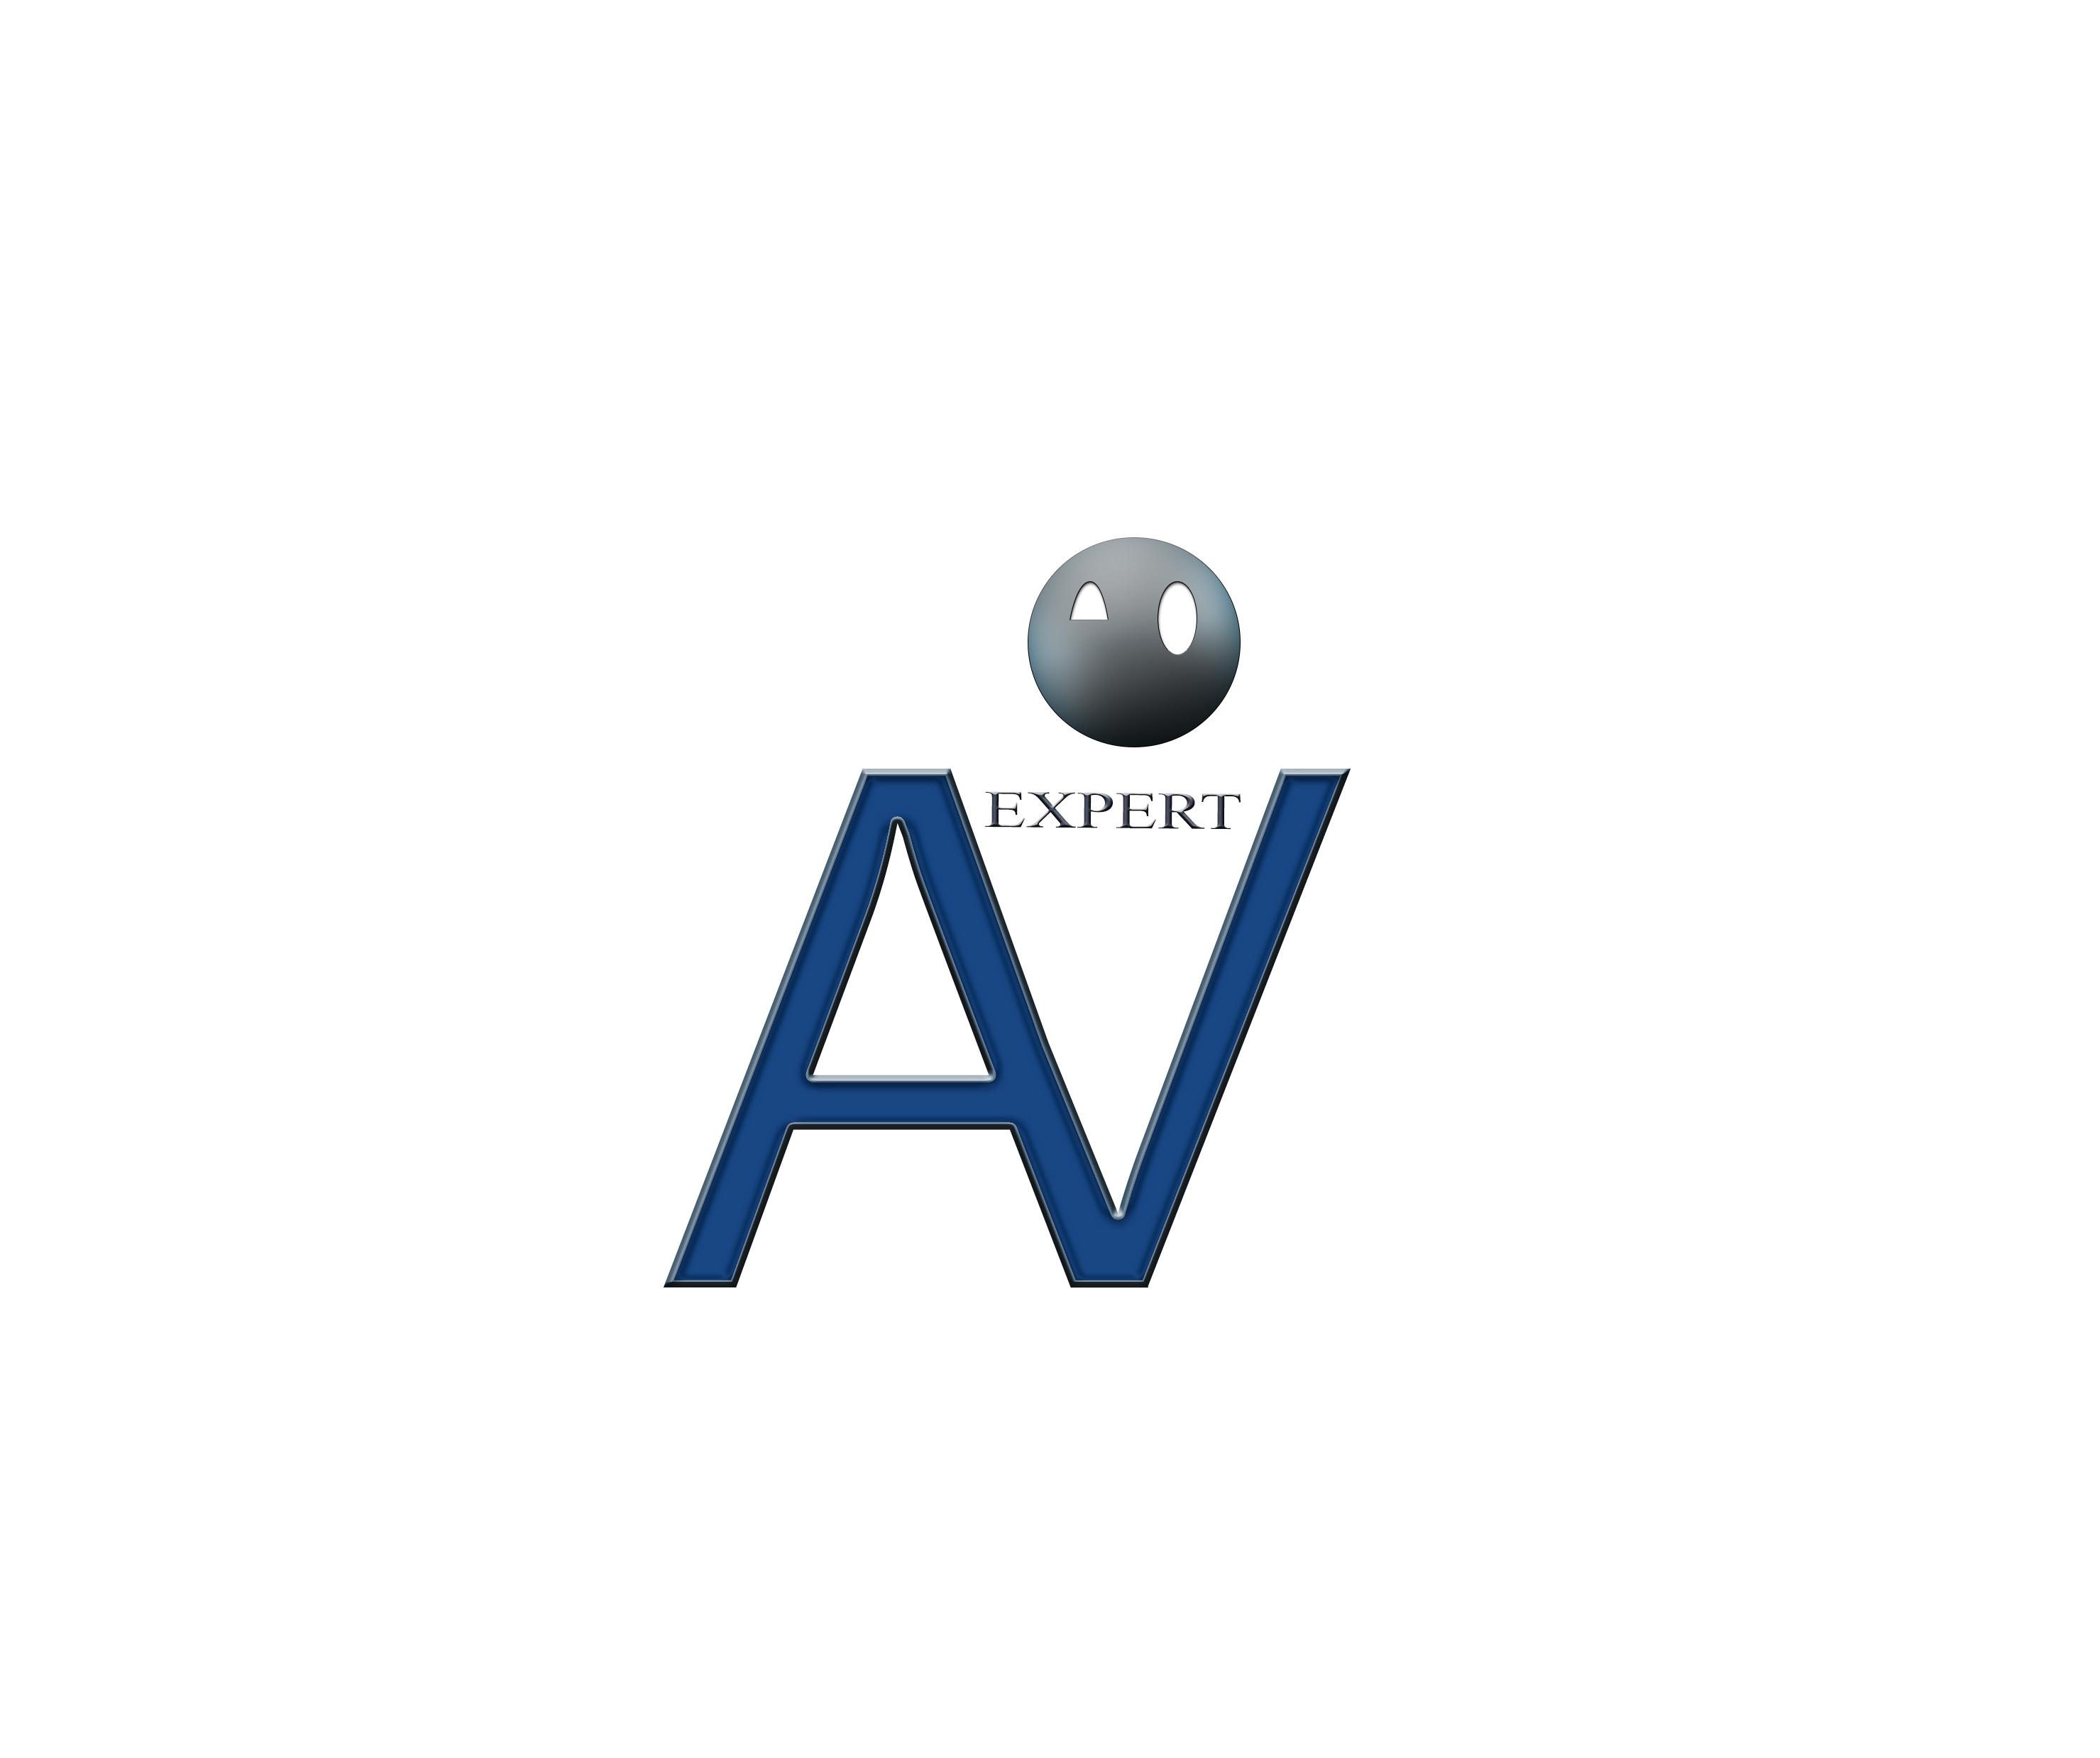 Создание логотипа, фирстиля фото f_8095c641ca35f8f0.jpg